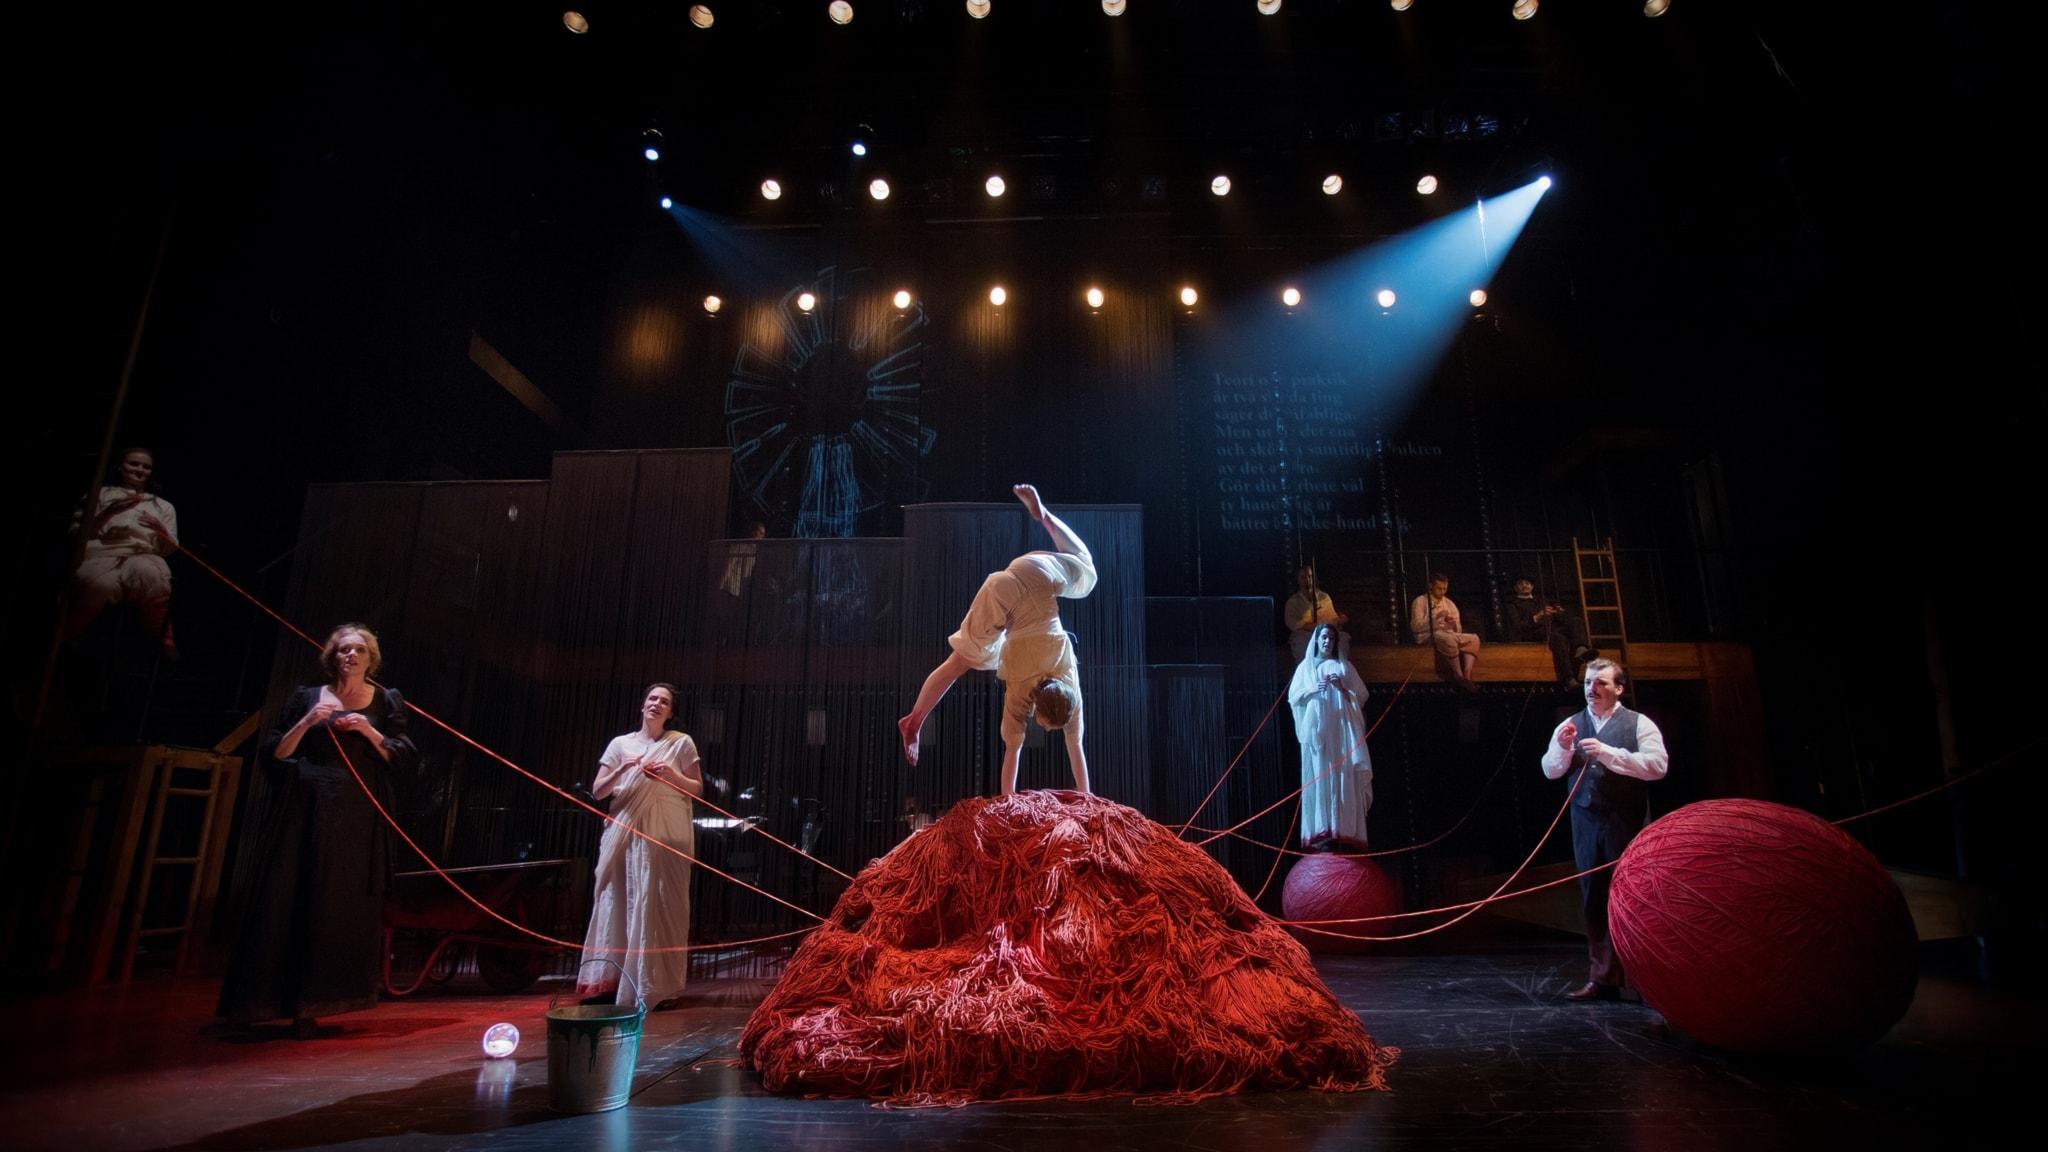 """Scen ur Philip Glass opera """"Satyagraha"""" som Folkoperan har satt upp tillsammans med Cirkus Cirkör."""